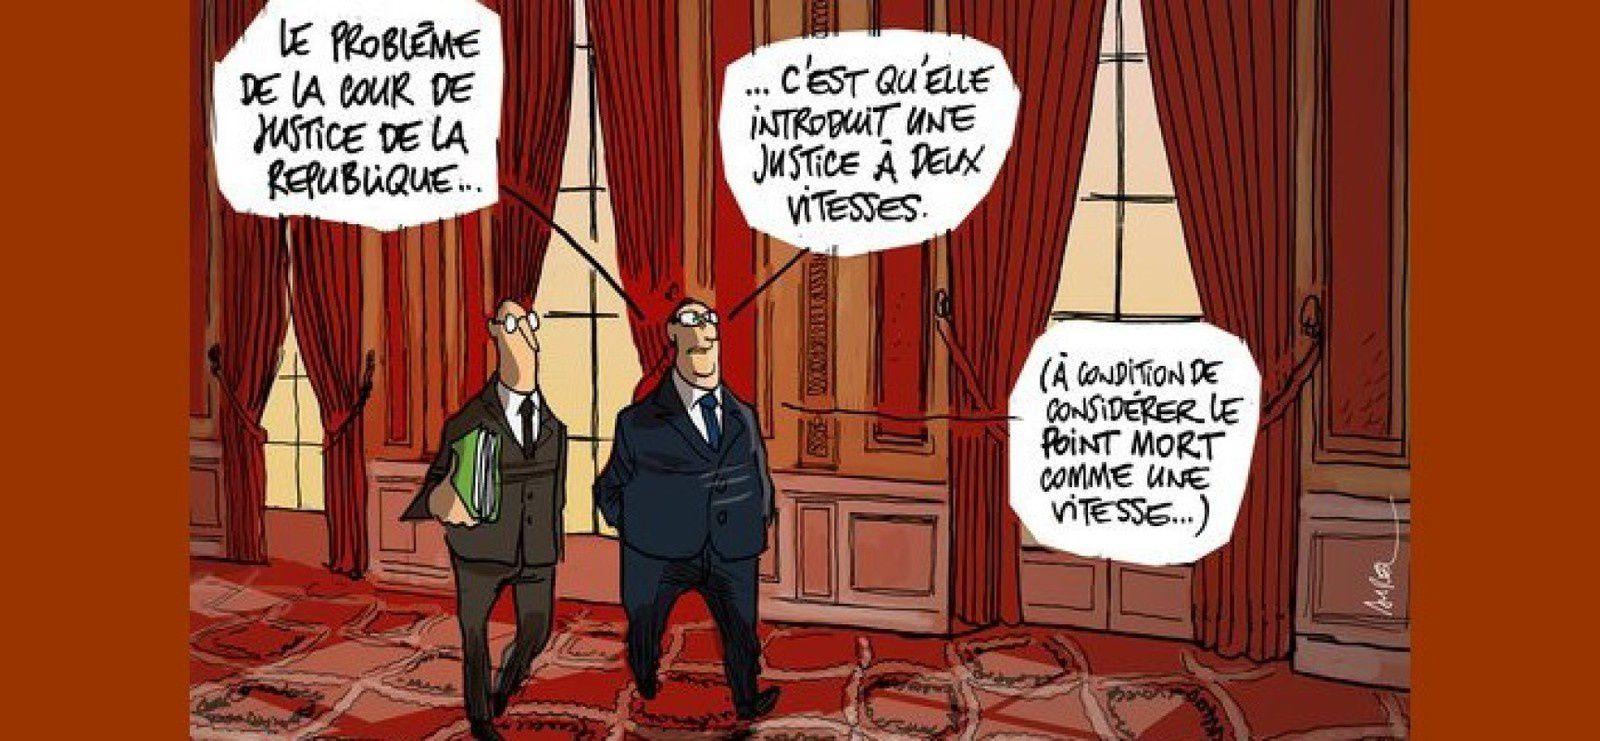 Lagarde, Tapie, la Cour de justice de la République, le FMI... Lettre ouverte à chez ces gens là / avec l'aimable collaboration de Jacques Brel